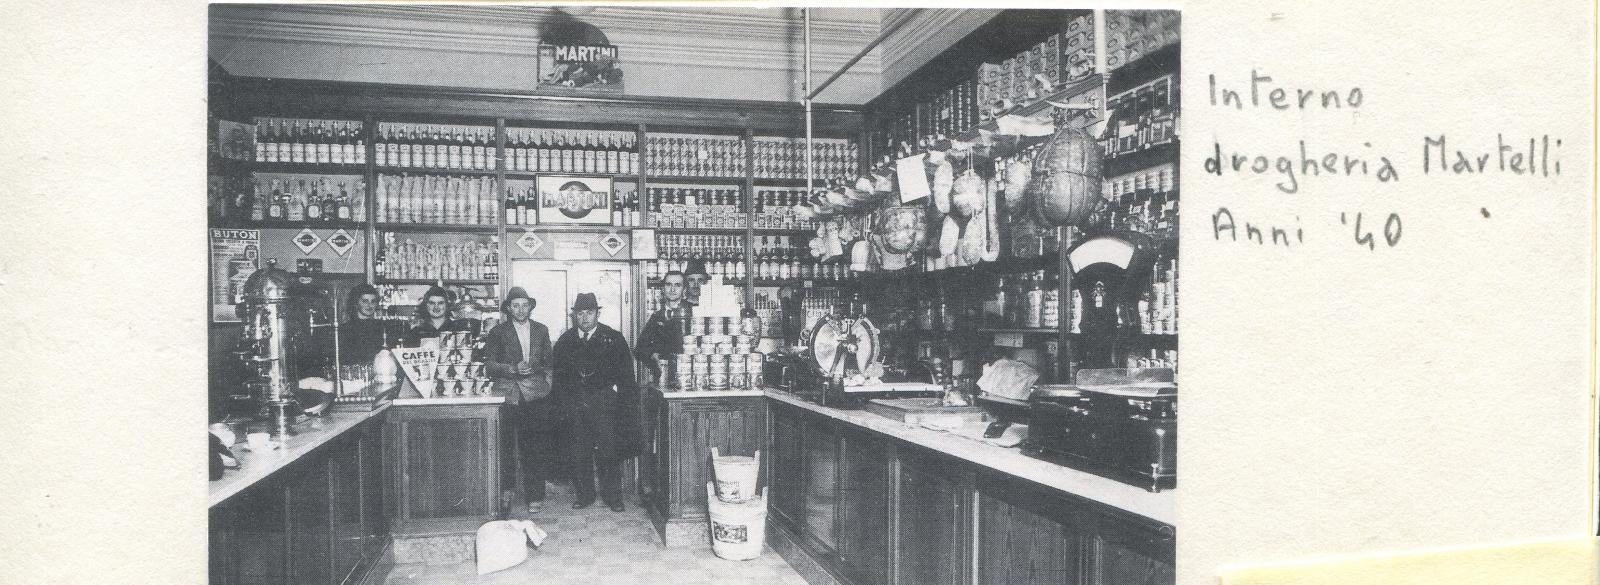 il negozio si trovava nei locali adiacenti al Bar Centrale sulla via Emilia